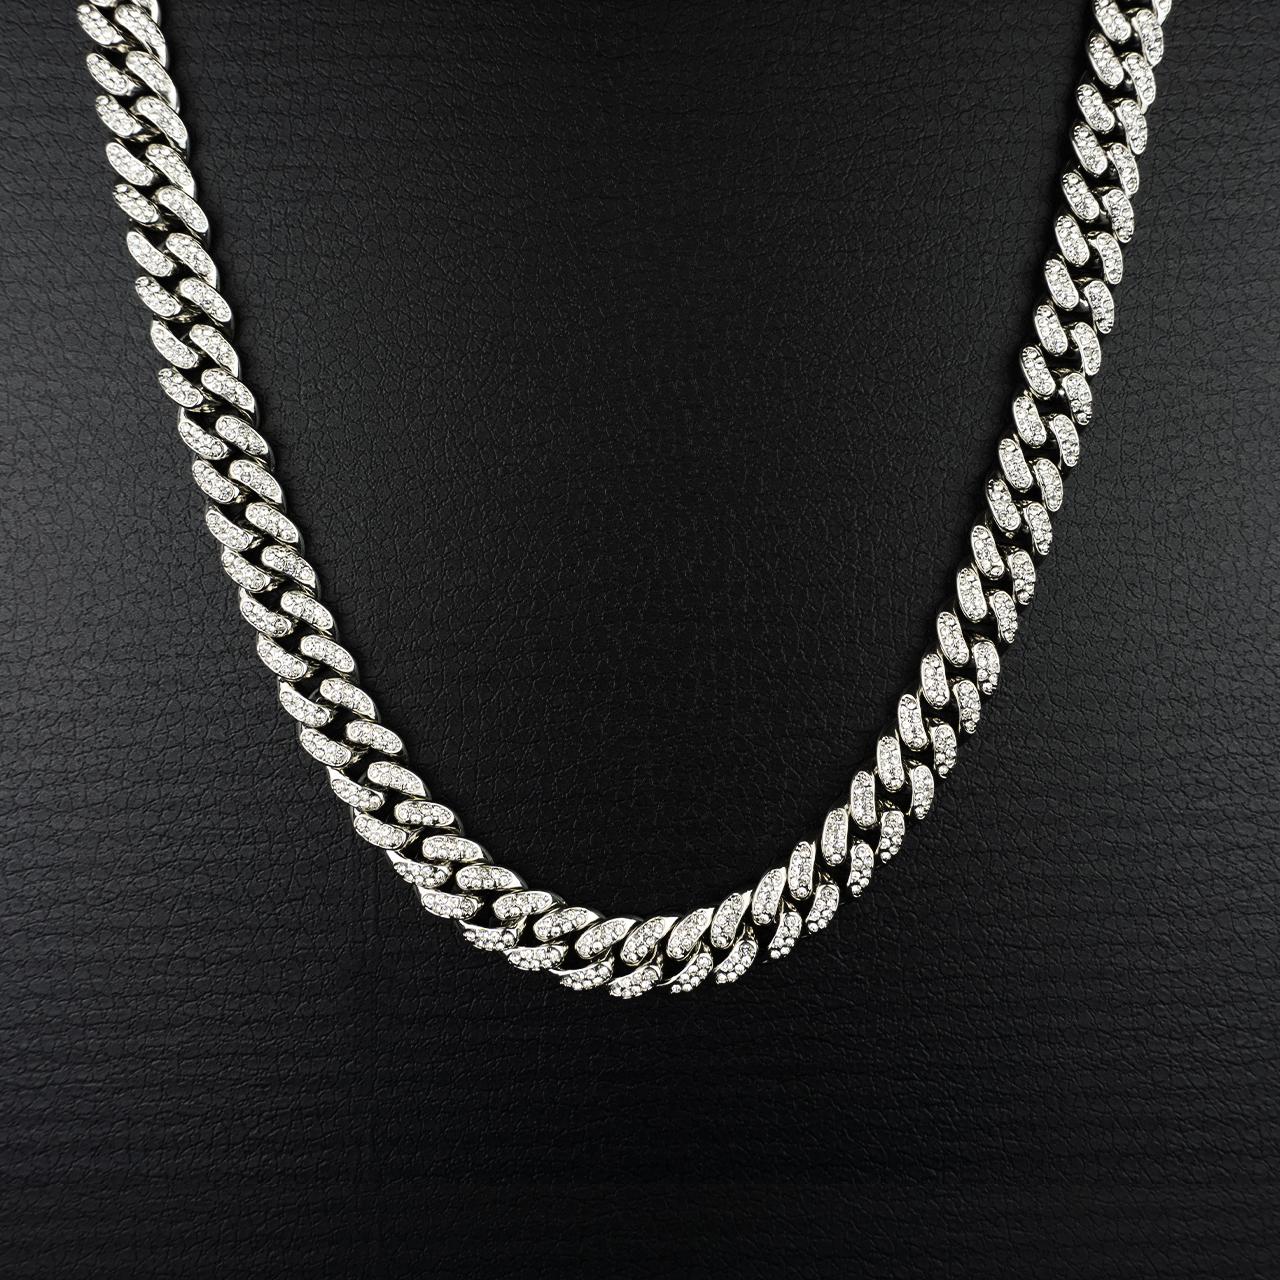 銀の太いネックレス(PROPRE3450)